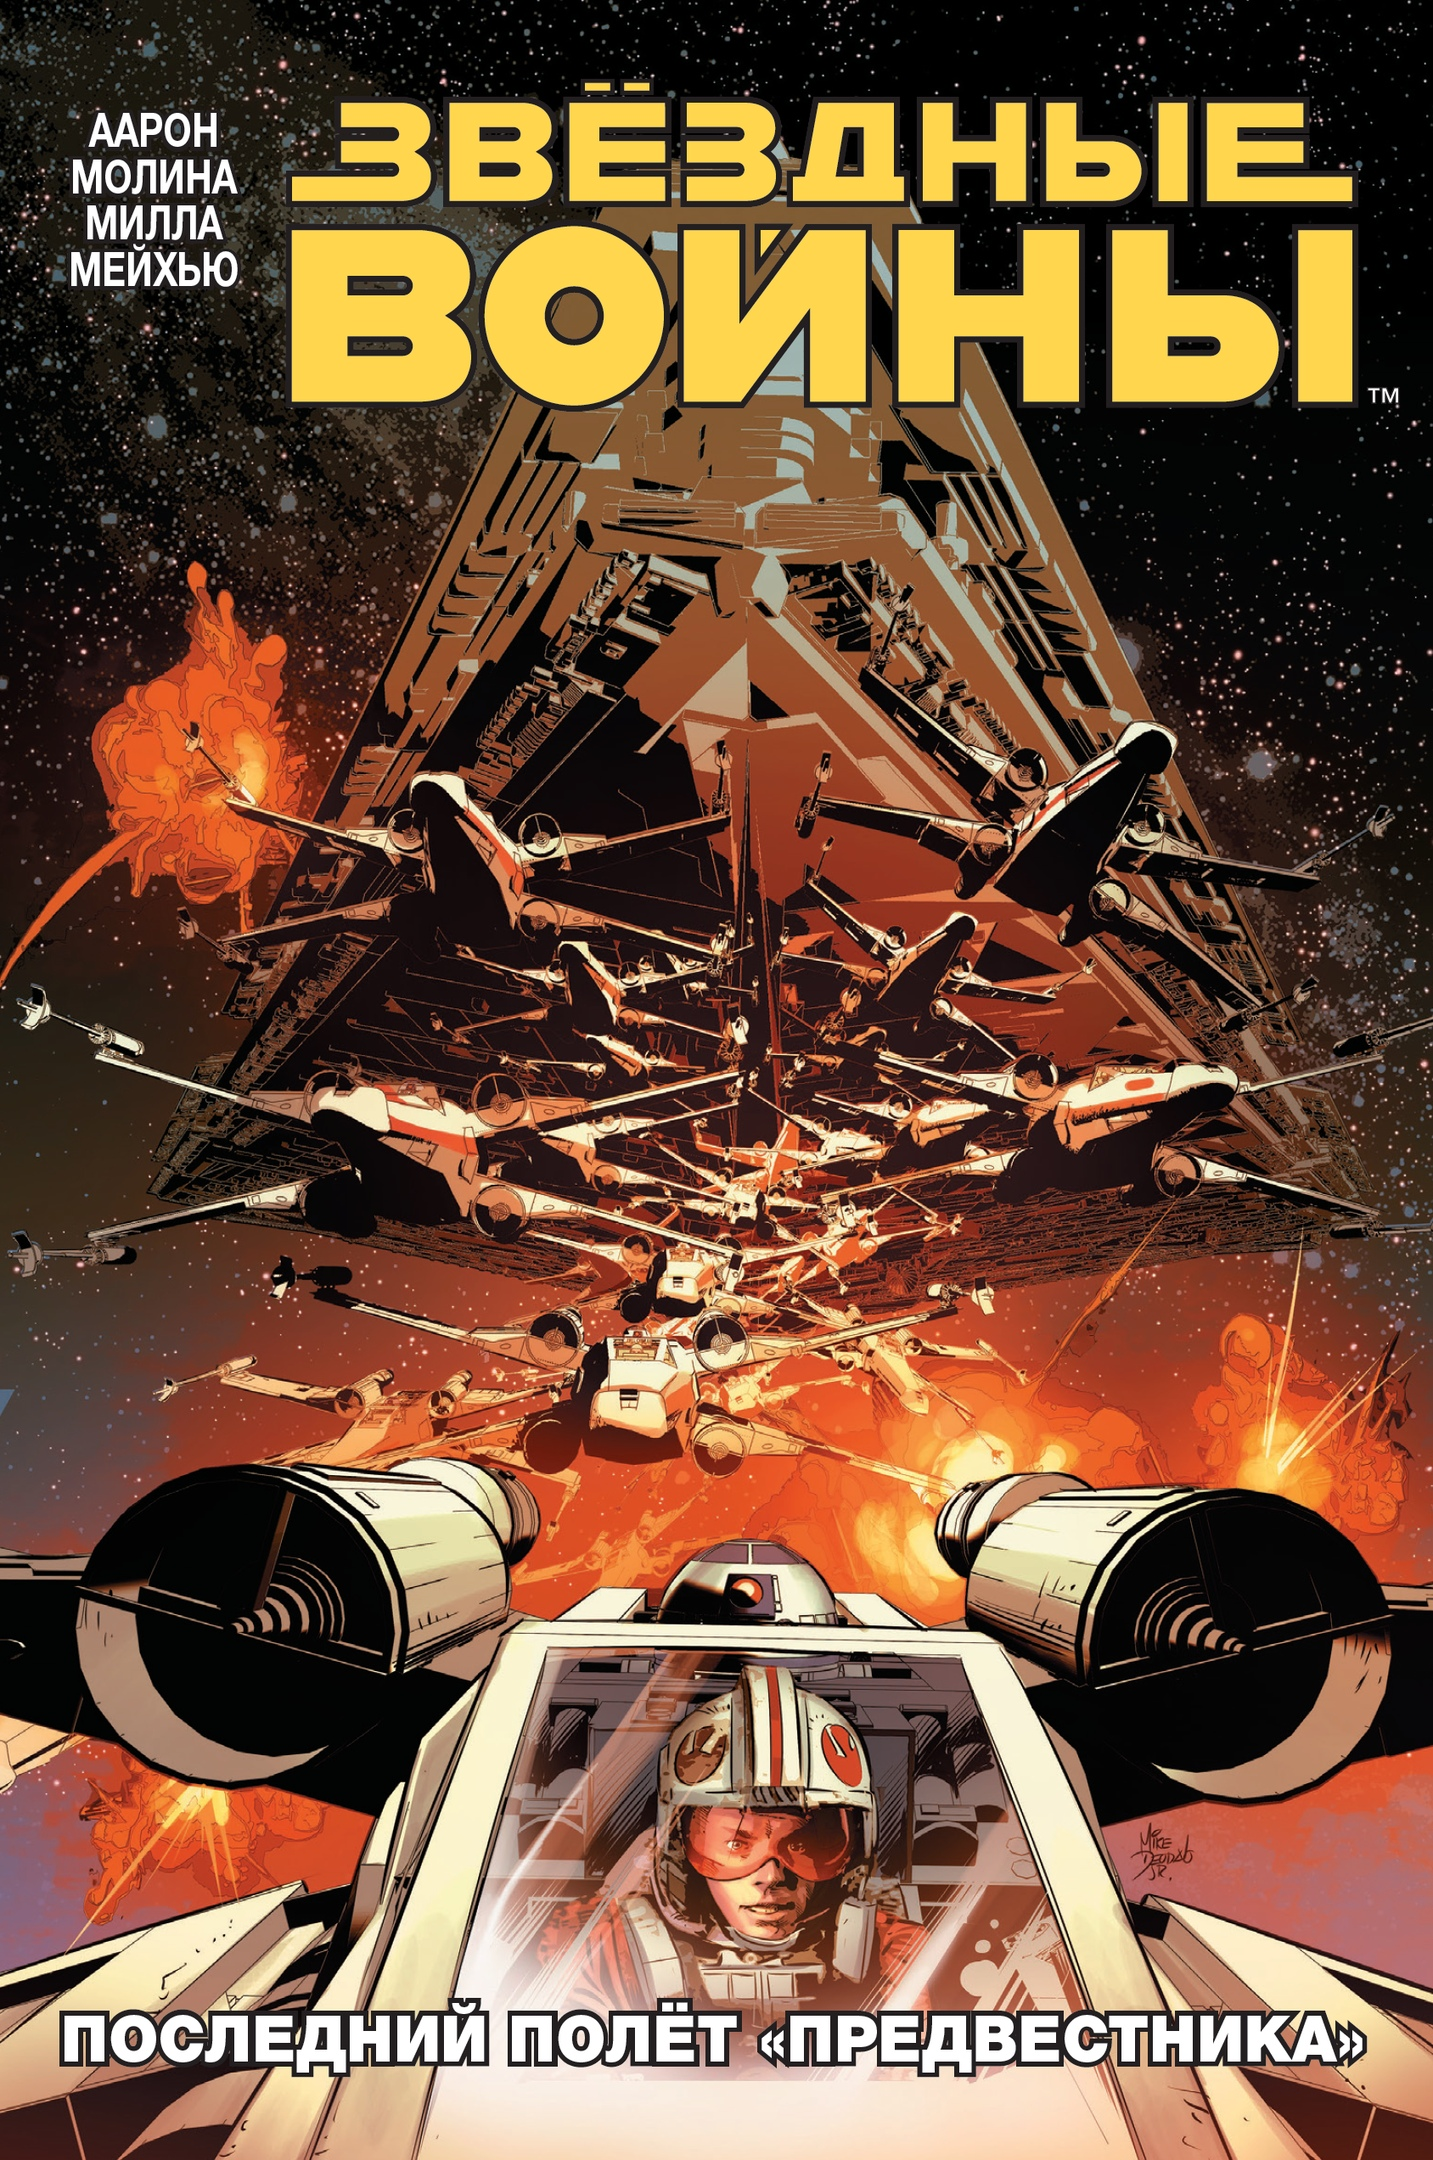 Звёздные войны: Выпуск 4 — Последний полёт «Предвестника»